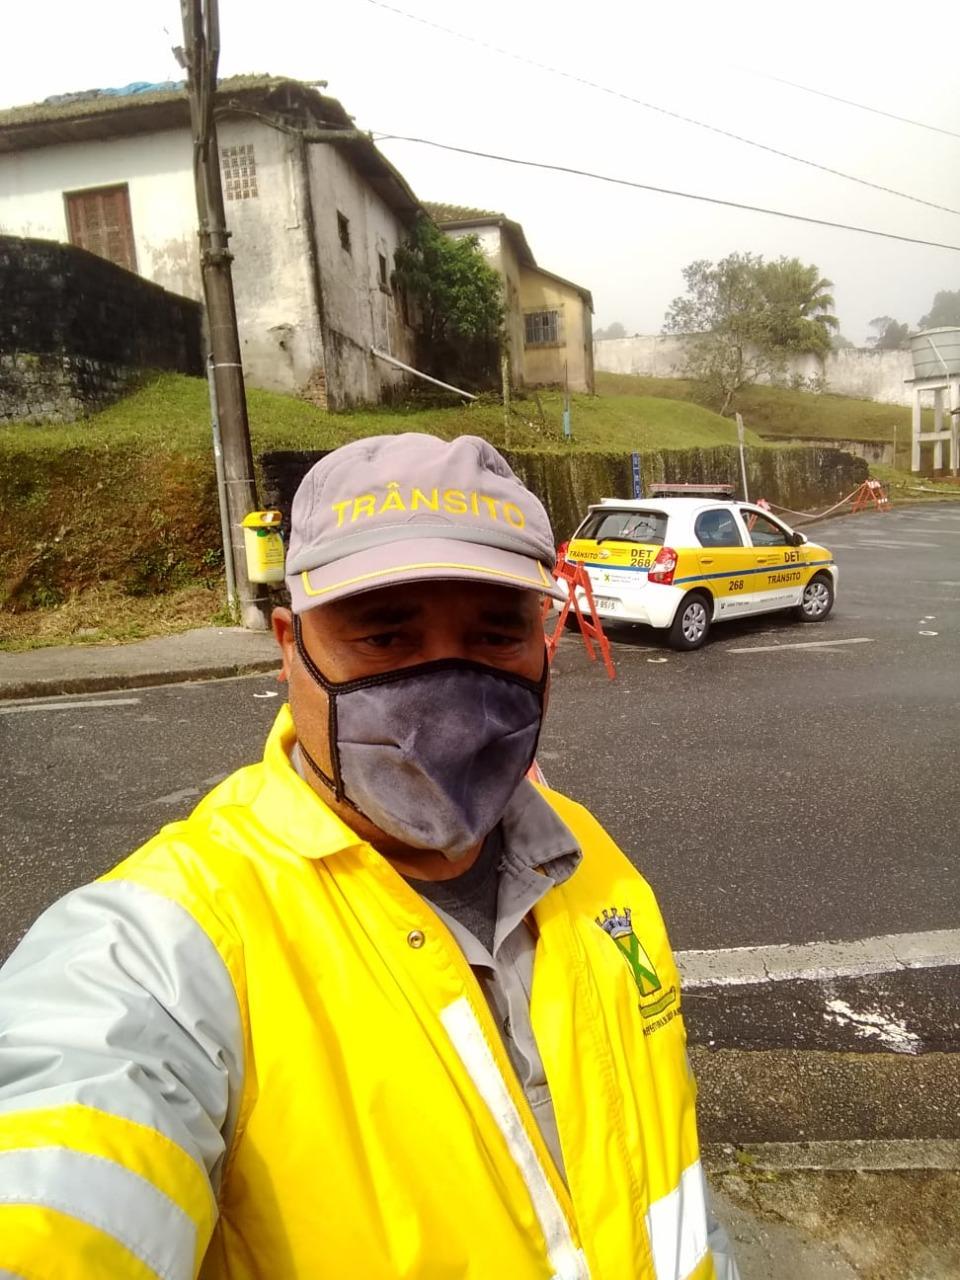 Imagem de Estopim Entrevista: o agente de trânsito Rogério conta sua experiência nas Olimpíadas